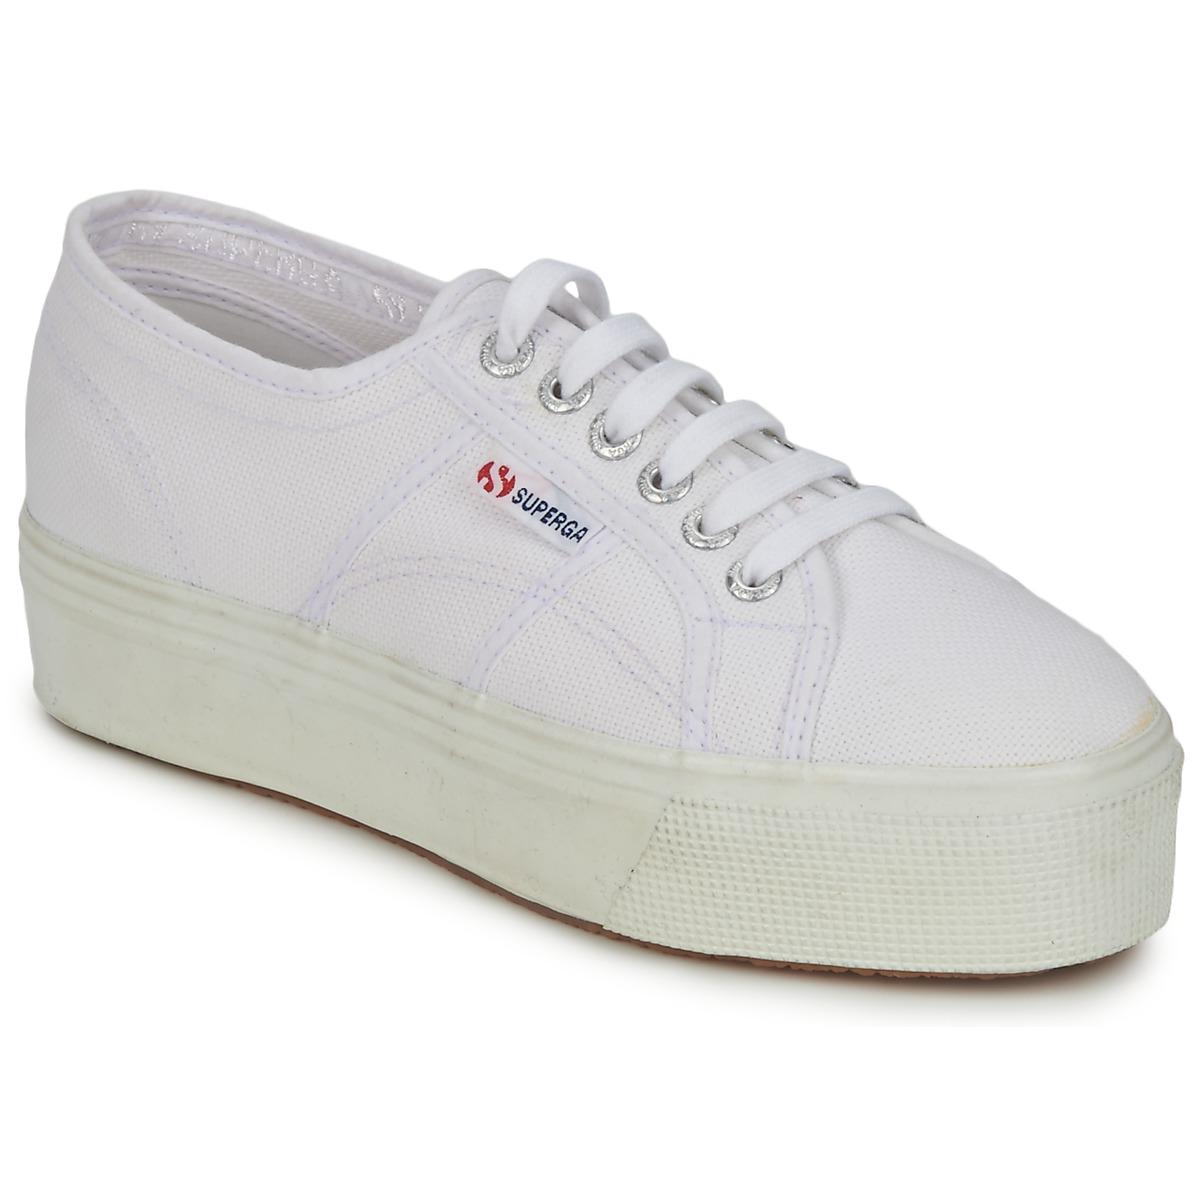 Scarpe Shoes SUPERGA DONNA GRIGIE con TACCO 10 size 37